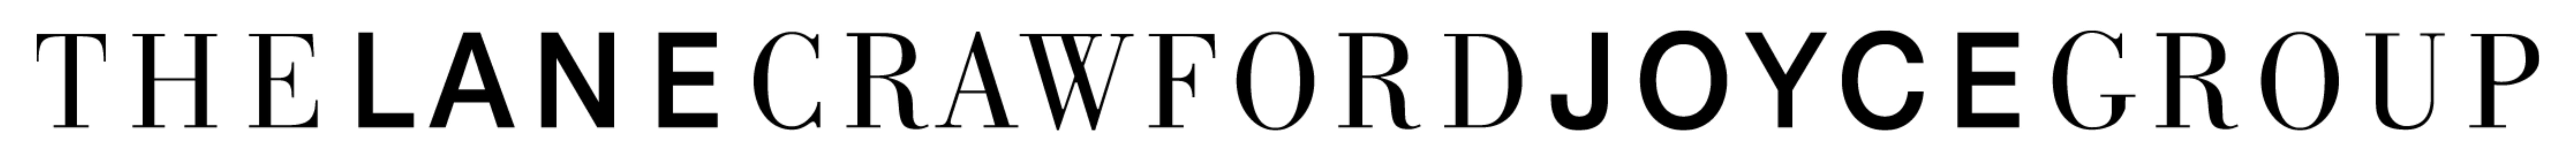 Logos - Same size (5)-1